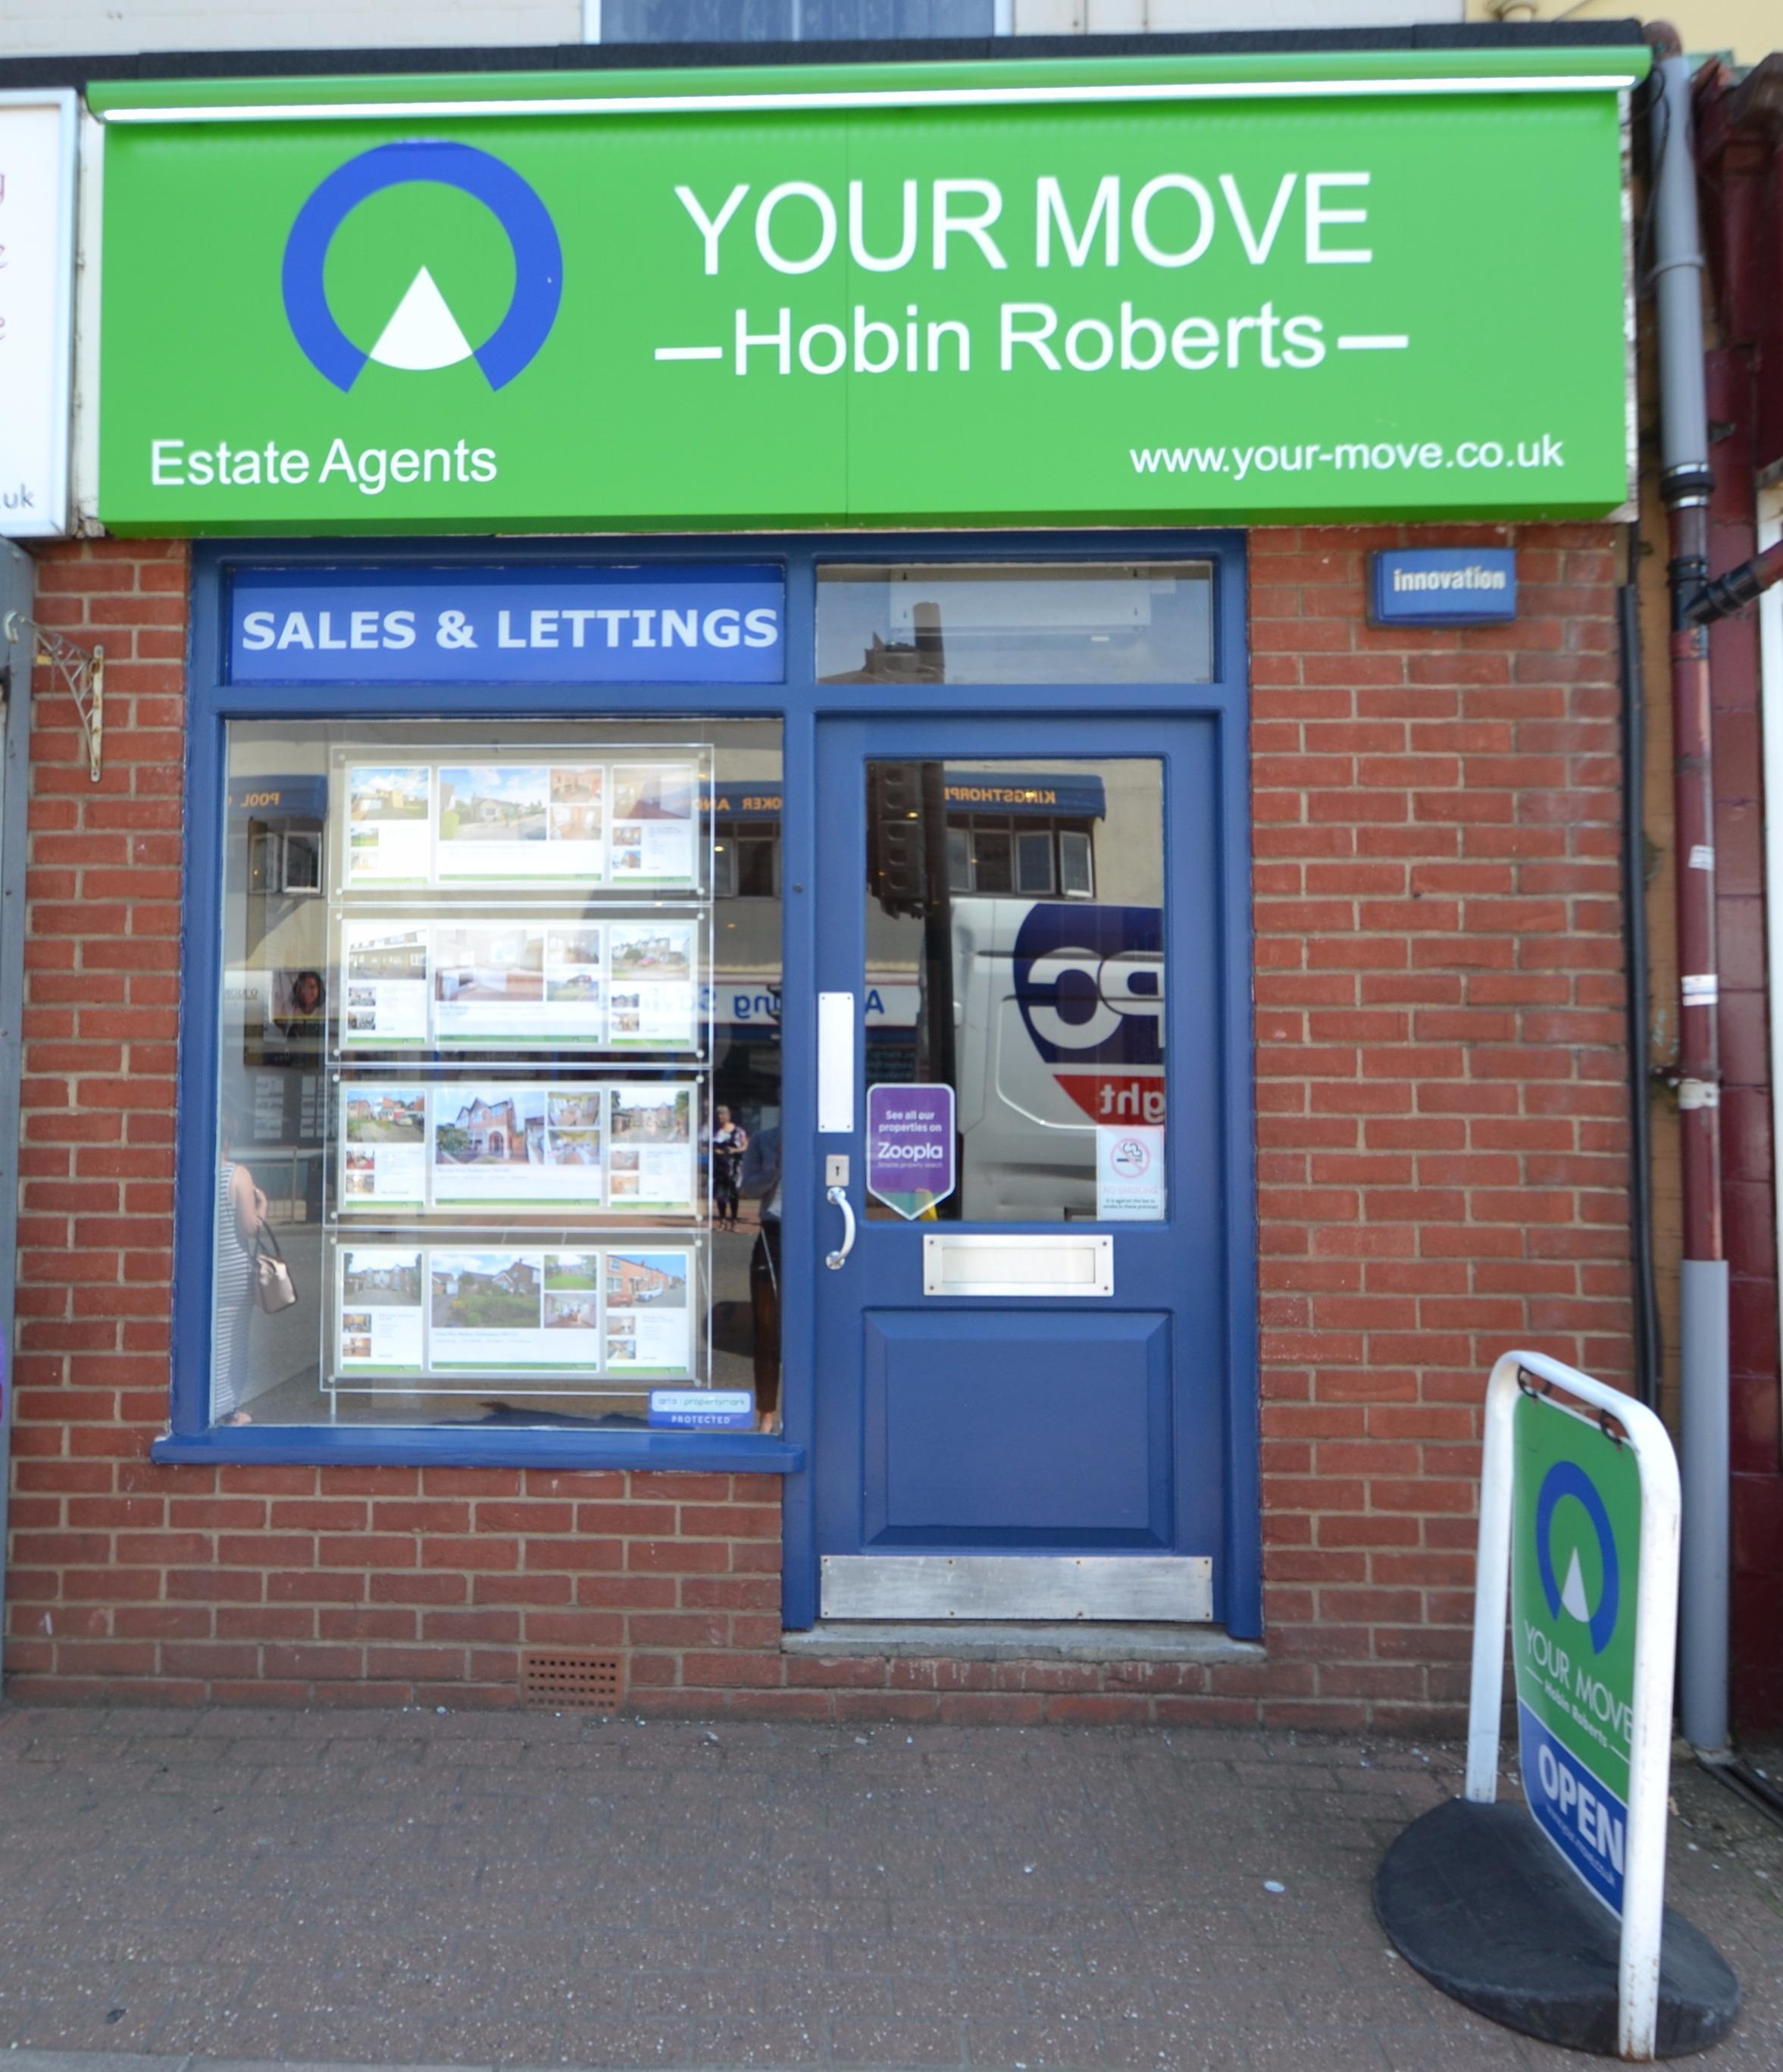 Your Move Estate Agents Hobin Roberts Kingsthorpe